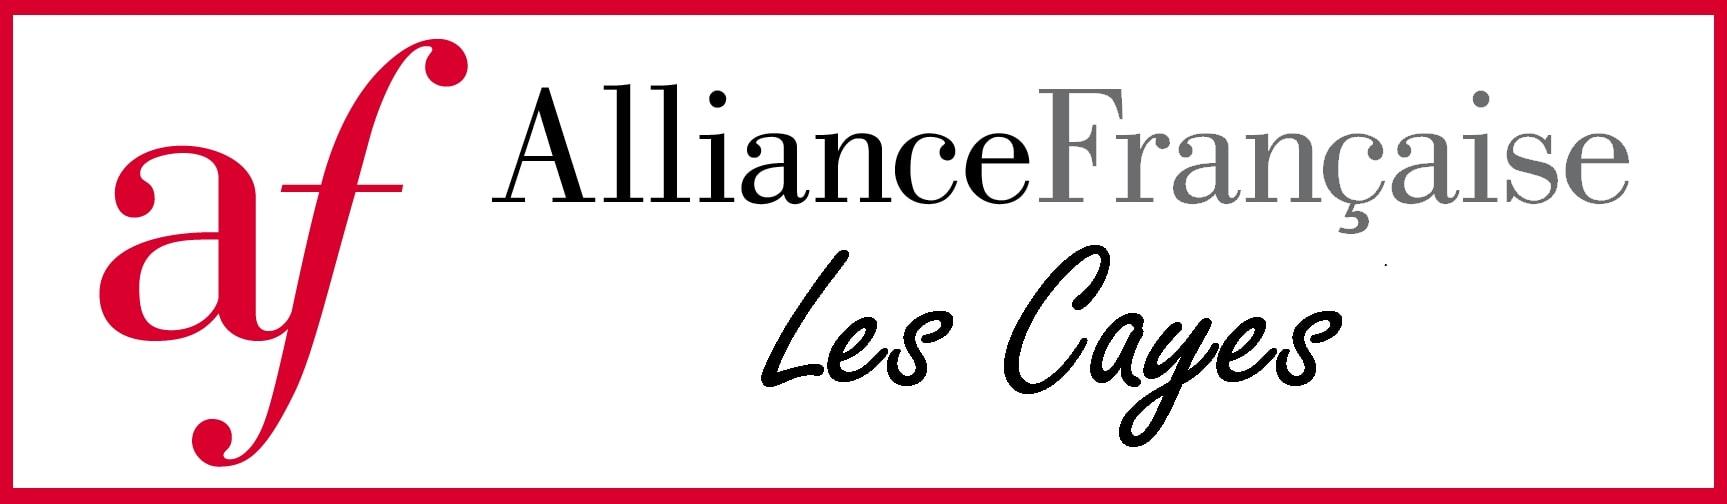 Alliance Française des Cayes